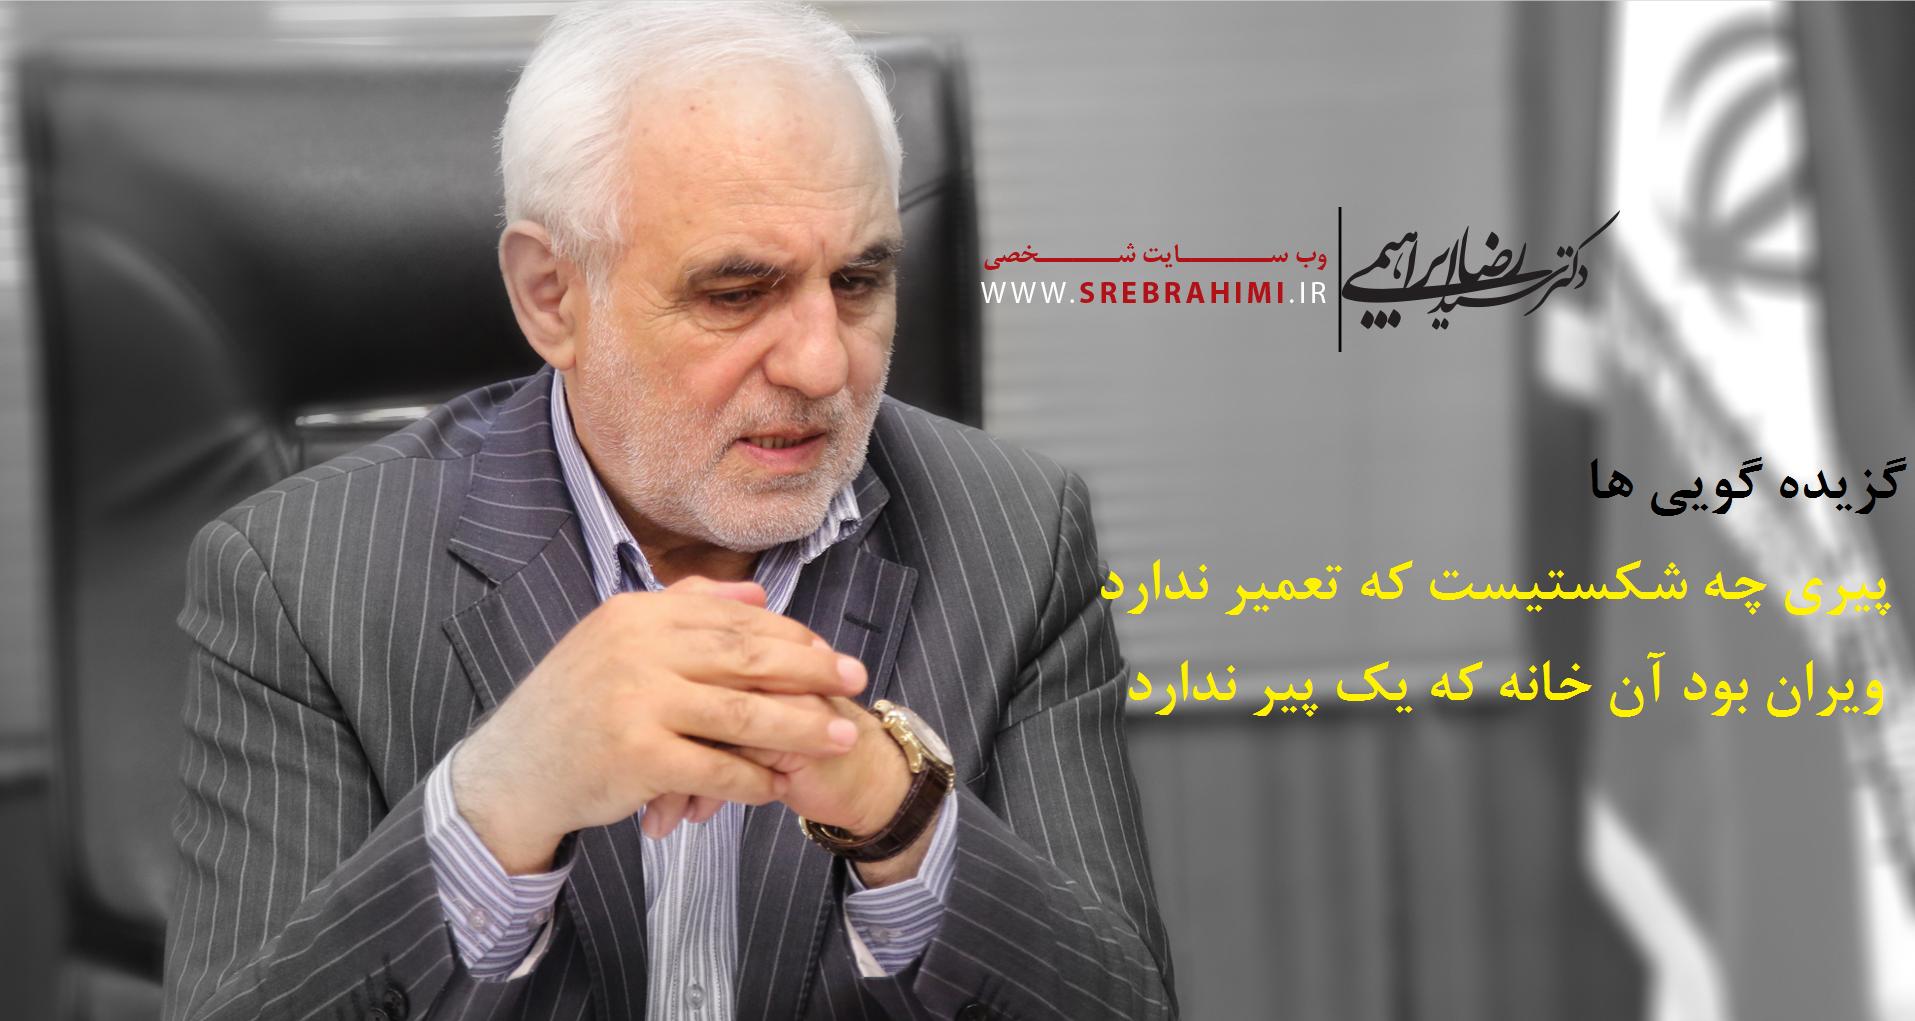 گزیده گویی های دکتر سید رضا ابراهیمی